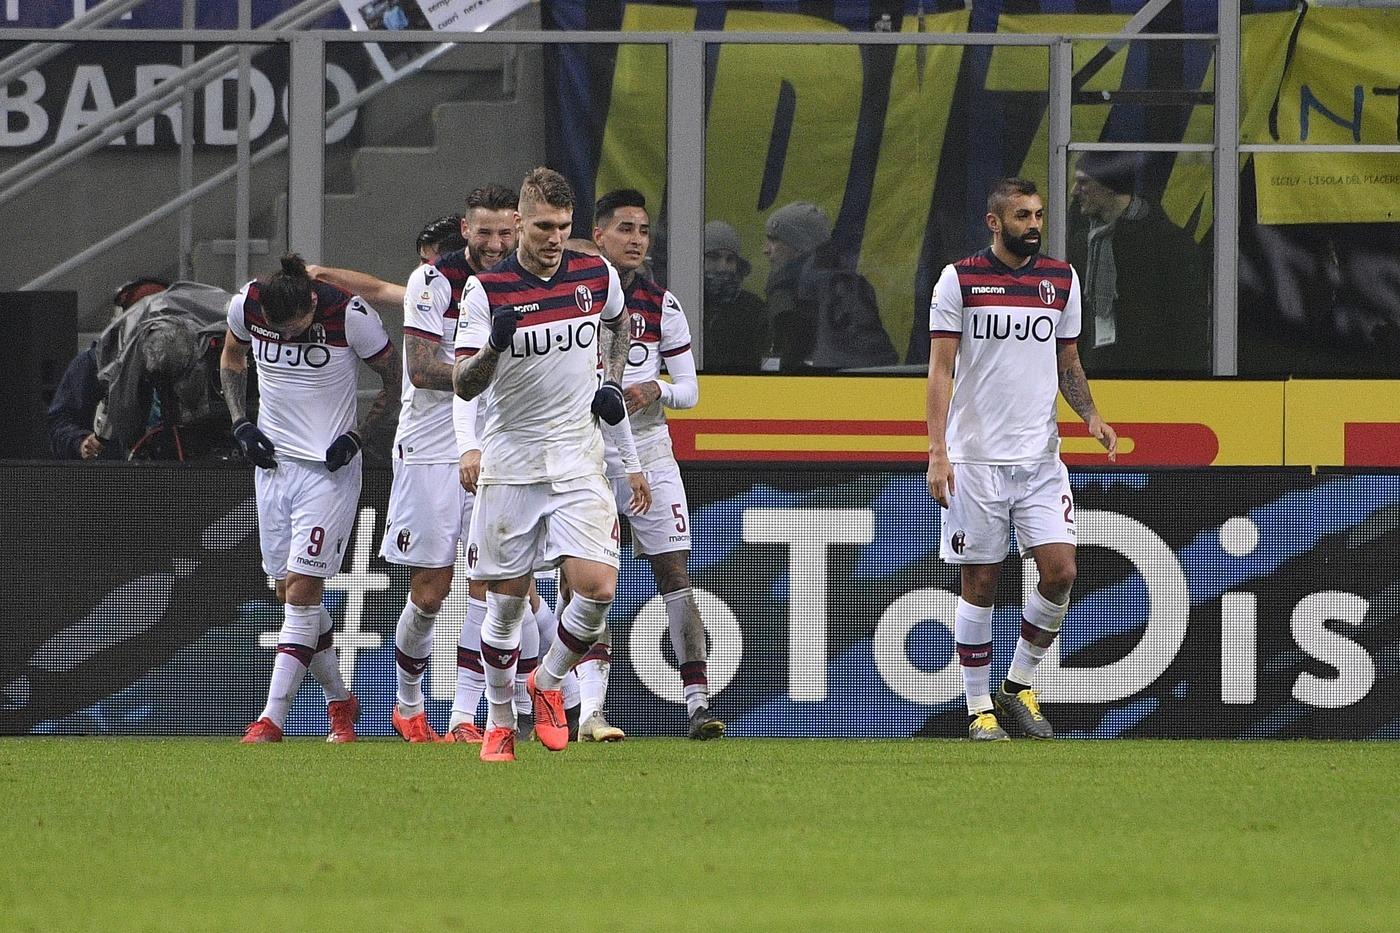 Bologna-Genoa 10 febbraio: si gioca per la 23 esima giornata del nostro campionato. I felsinei cercano il bis di successi di fila.